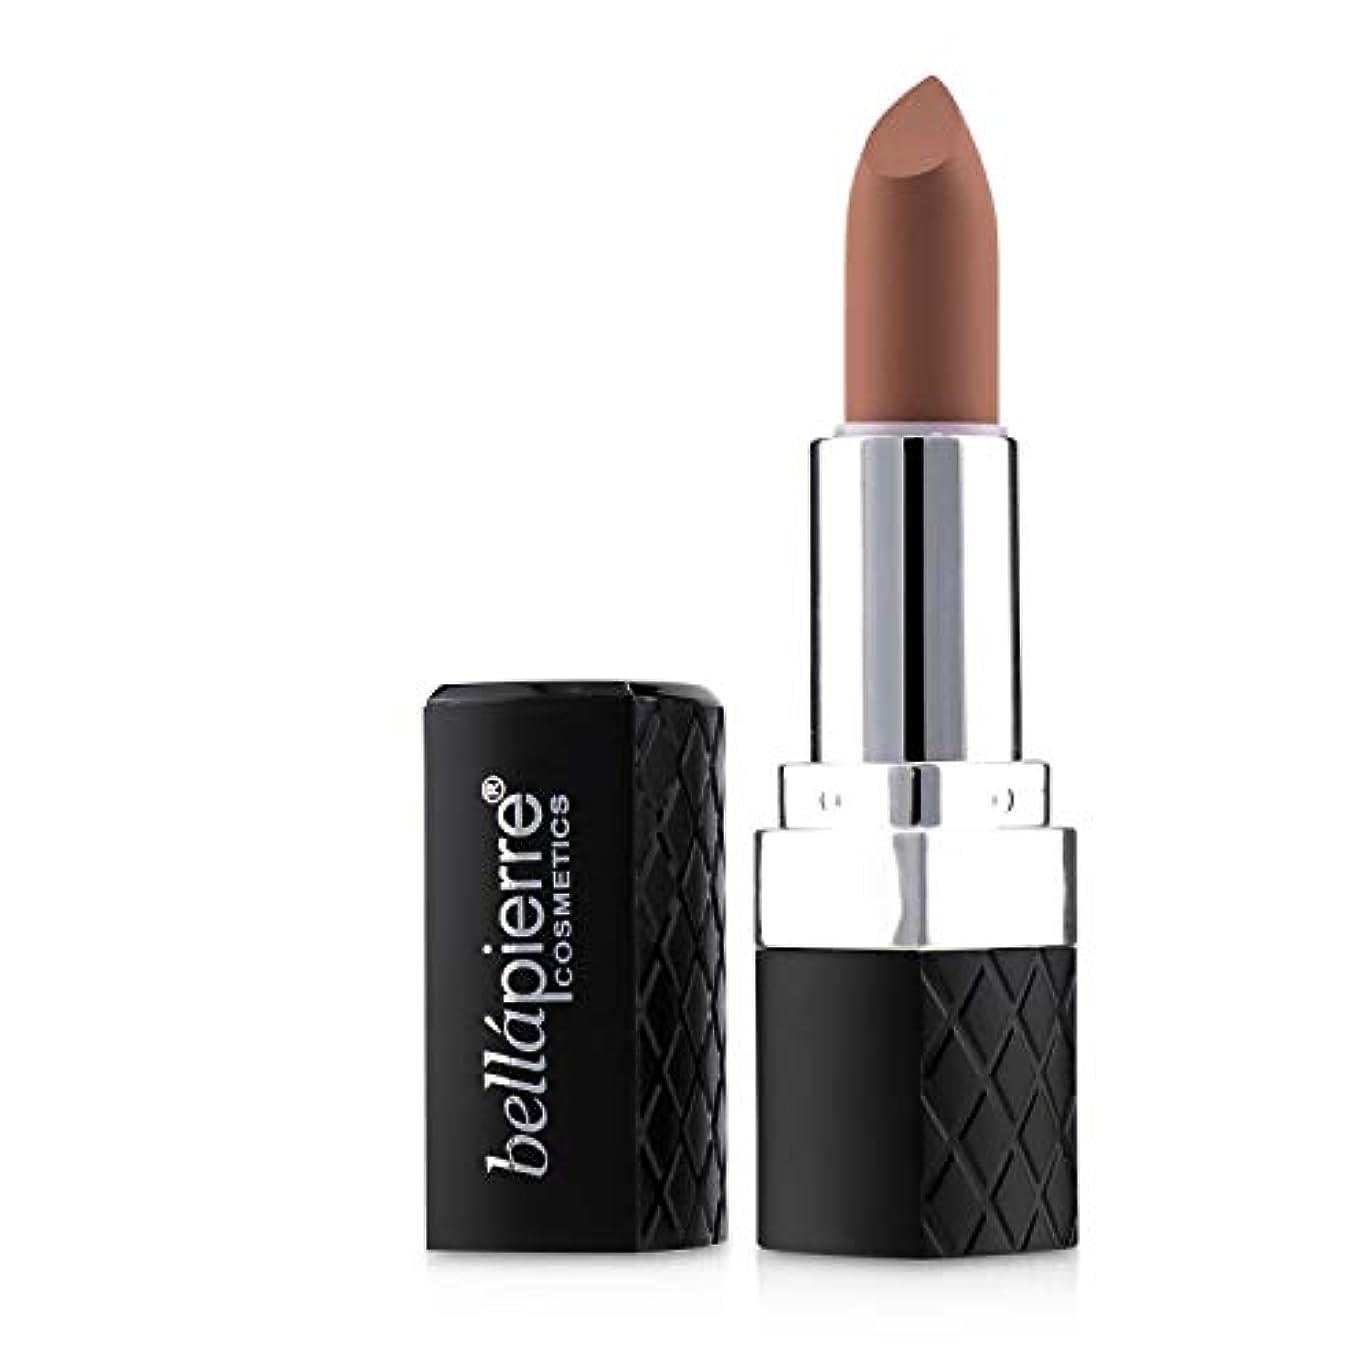 消費する免疫する他にBellapierre Cosmetics Matte Lipstick - # Incognito (Caramel Nude) 3.5g/0.123oz並行輸入品